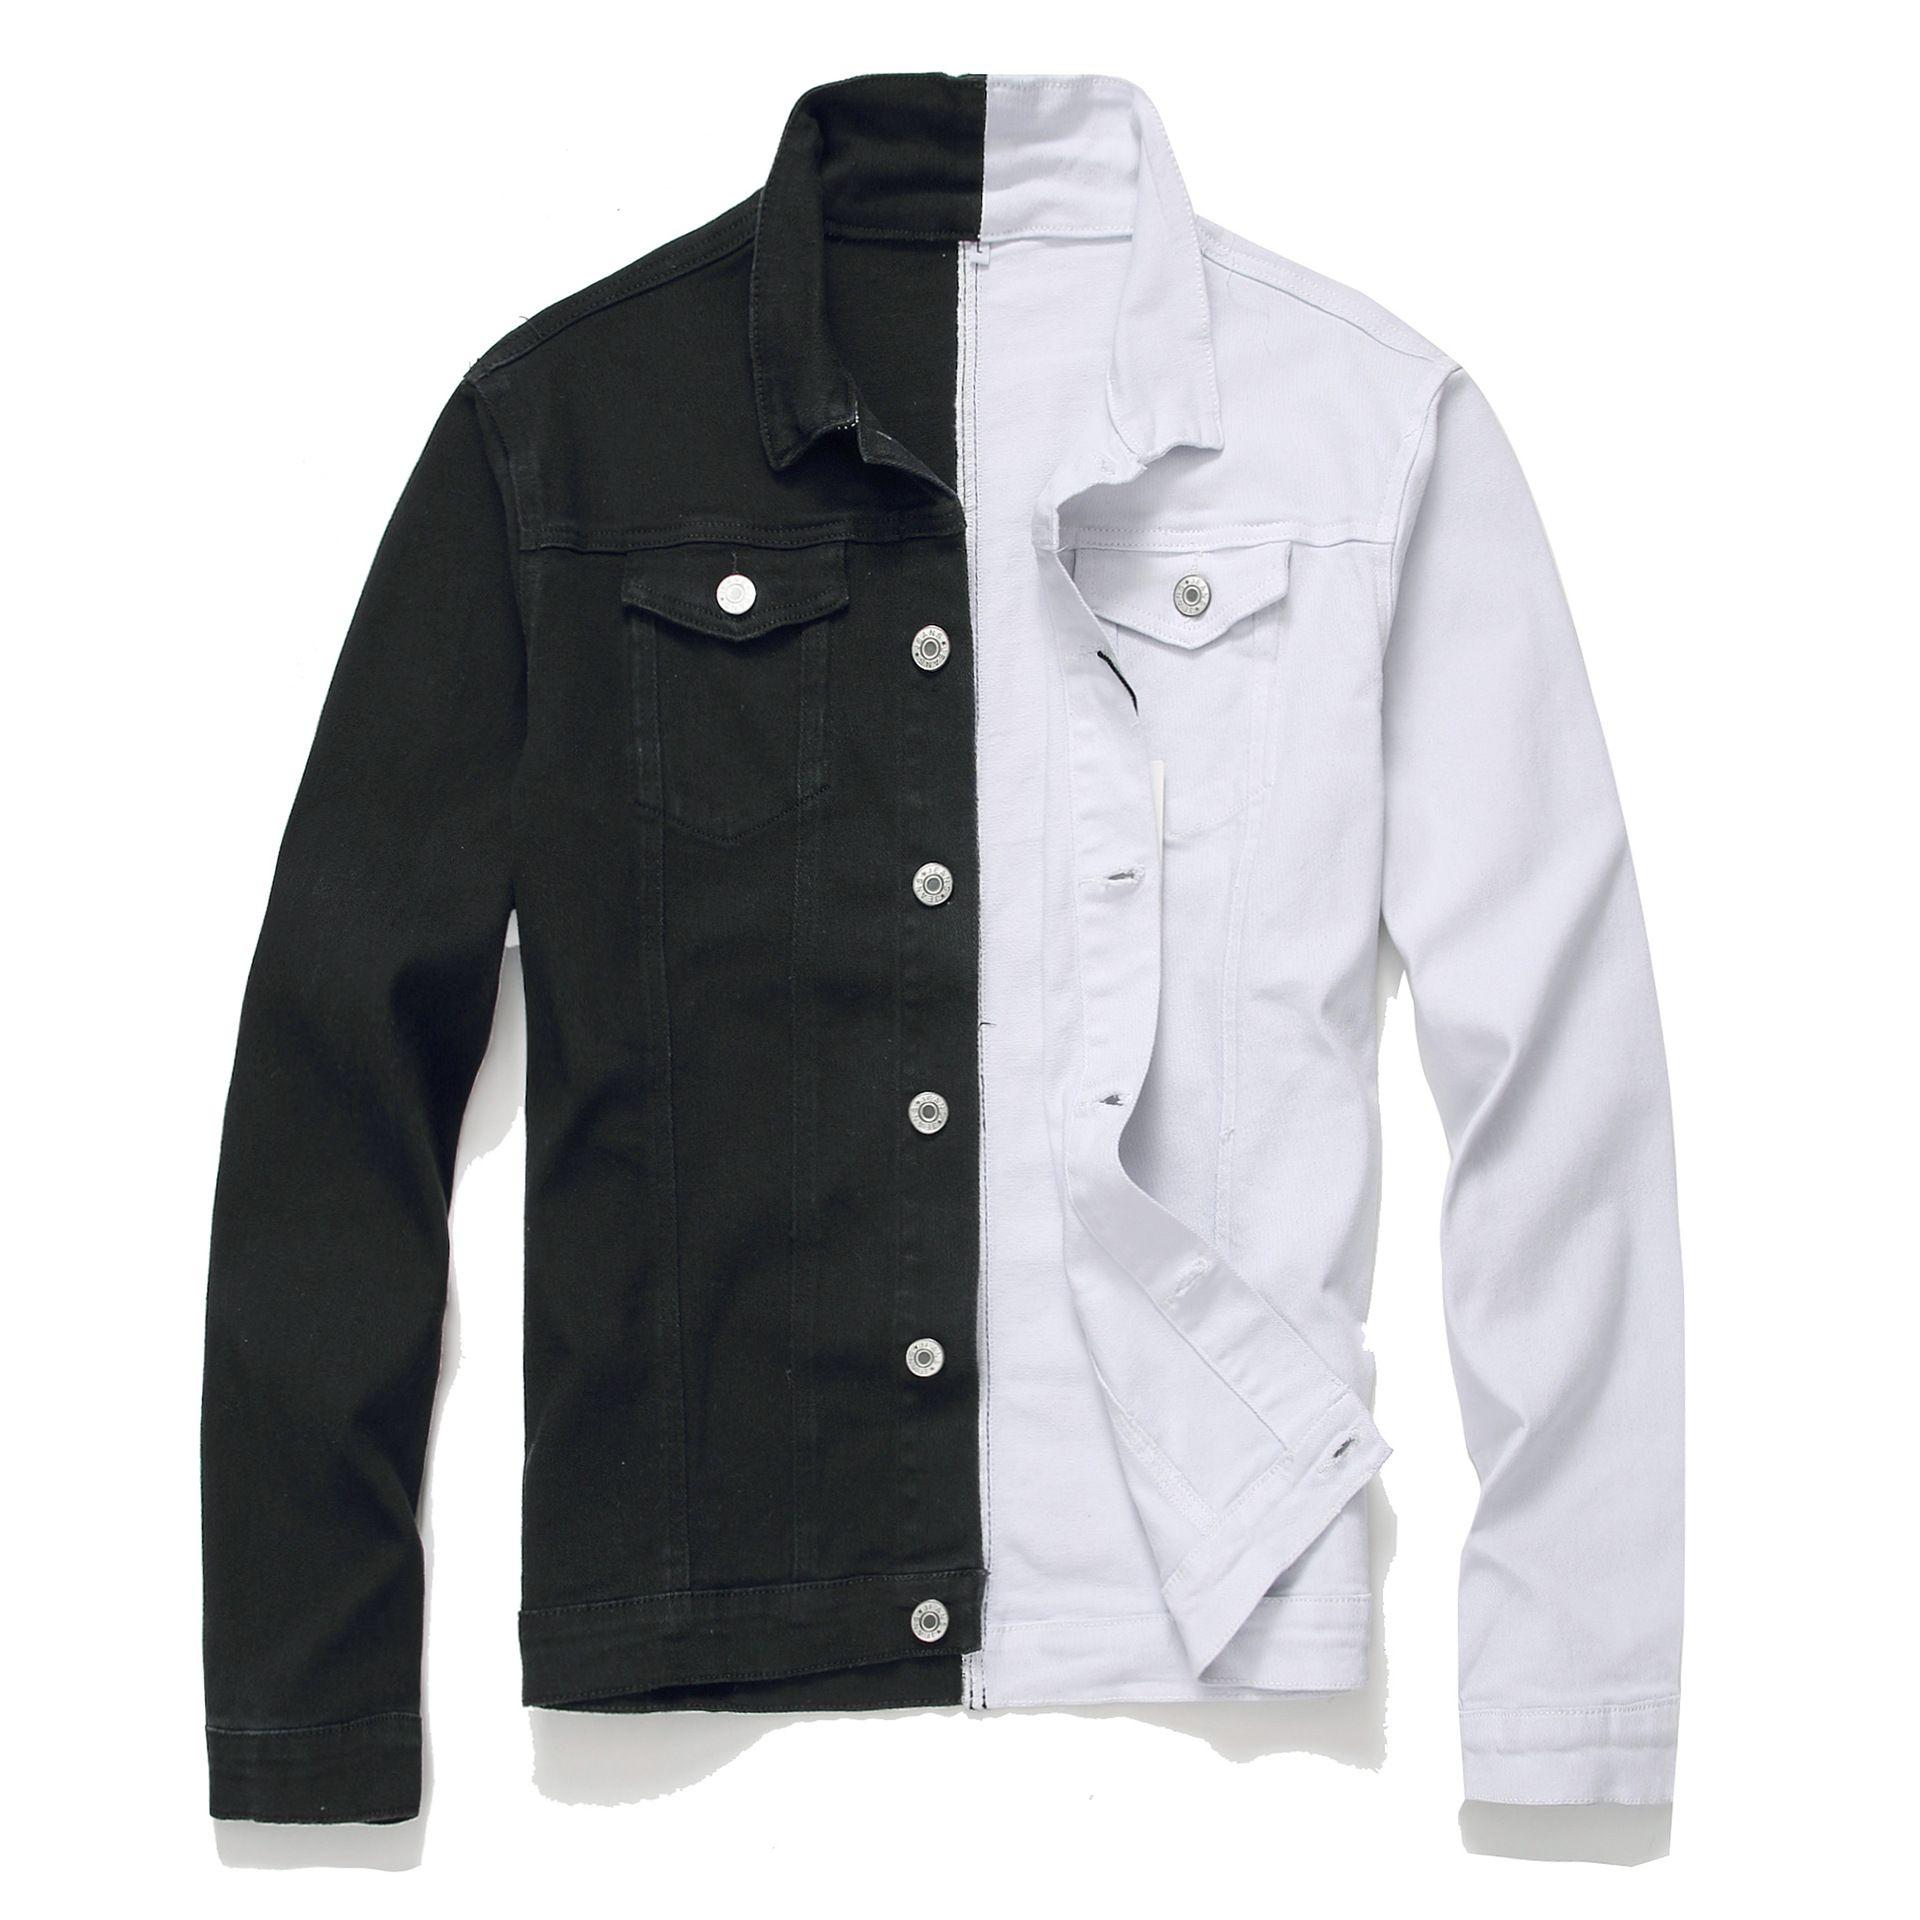 Nedensel Erkekler Ceketler Moda Spor Giyim Denim Vintage Mont Hip Hop Erkek Streetwear Erkek Bombacı Ceketler Boyutu S-3XL 0812 #